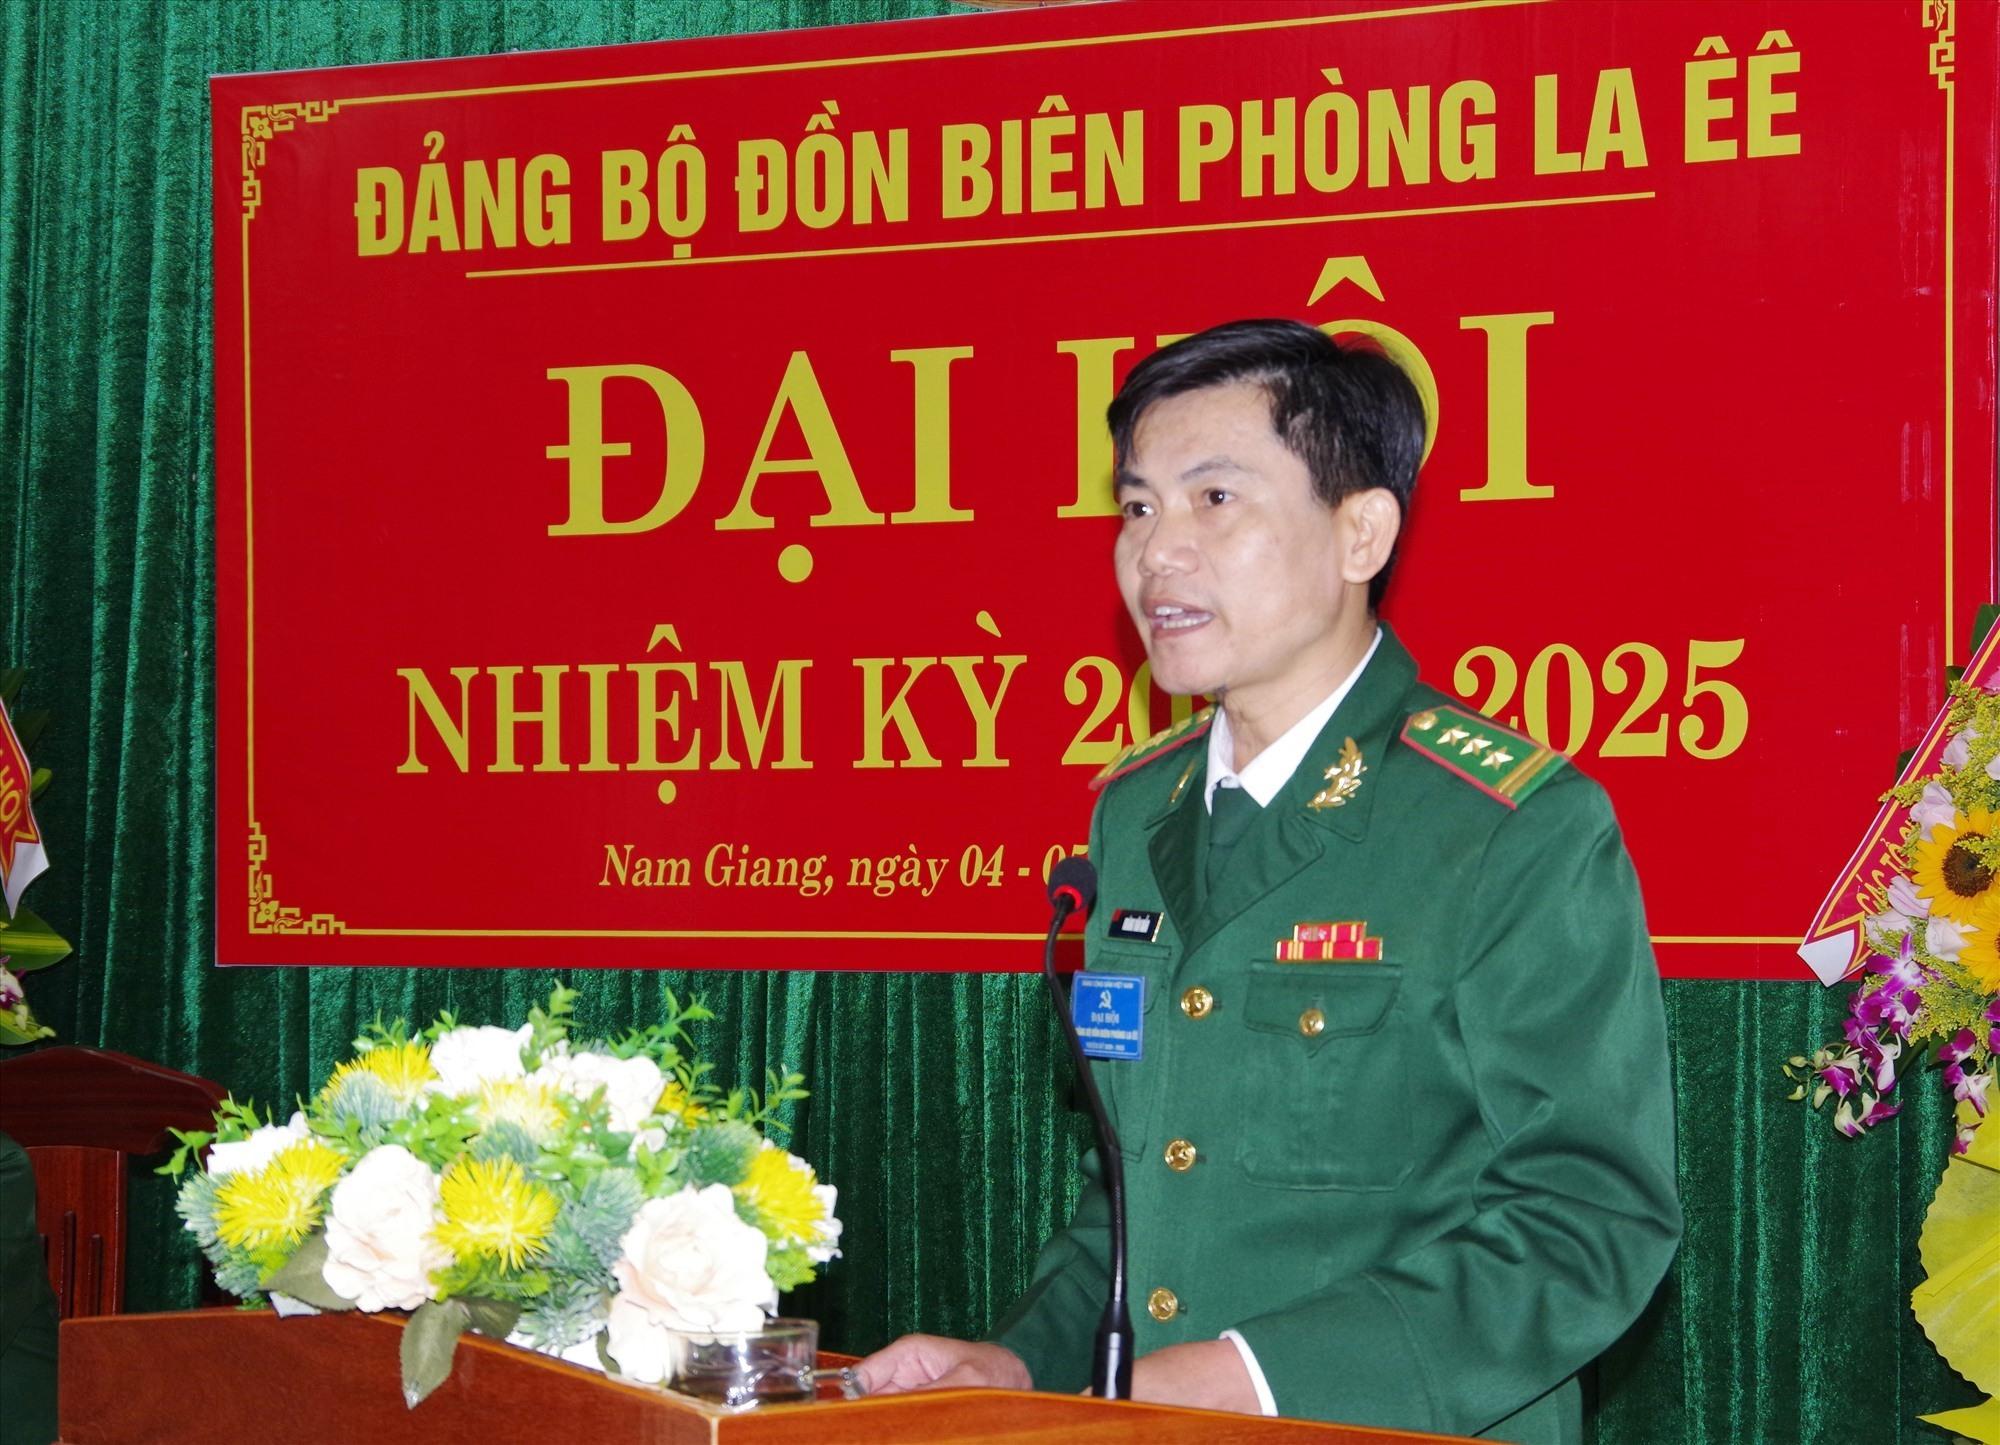 Thượng tá Hoàng Văn Mẫn – Bí thư Đảng ủy, Chính ủy BĐBP tỉnh phát biểu chỉ đạo Đại hội. Ảnh: VĂN VINH